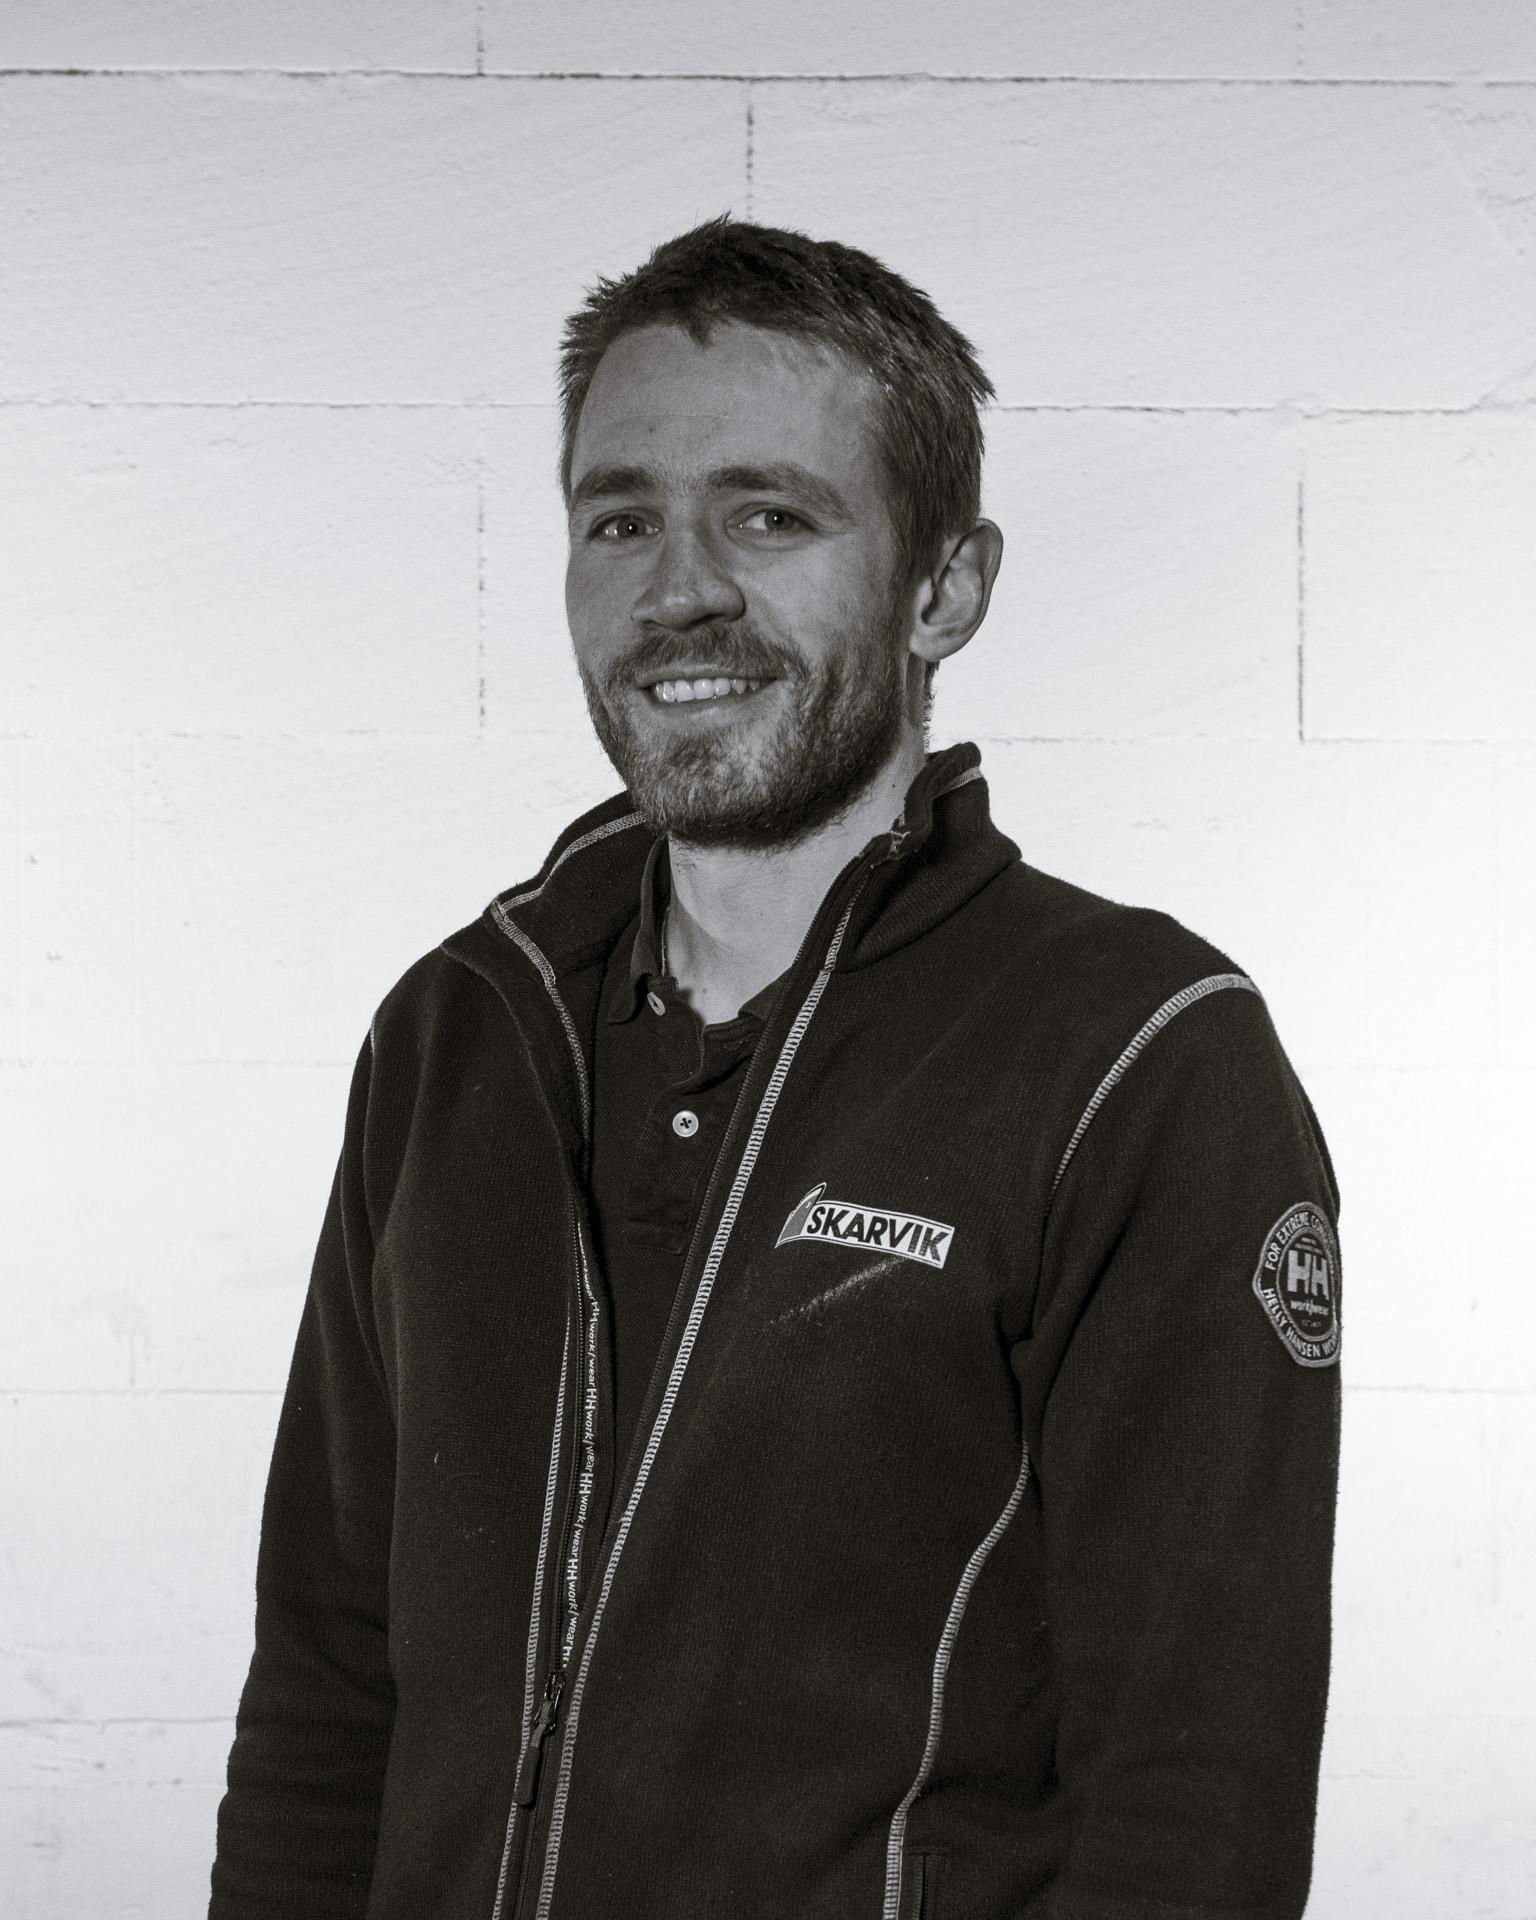 Driftsingeniør Morten Vinter